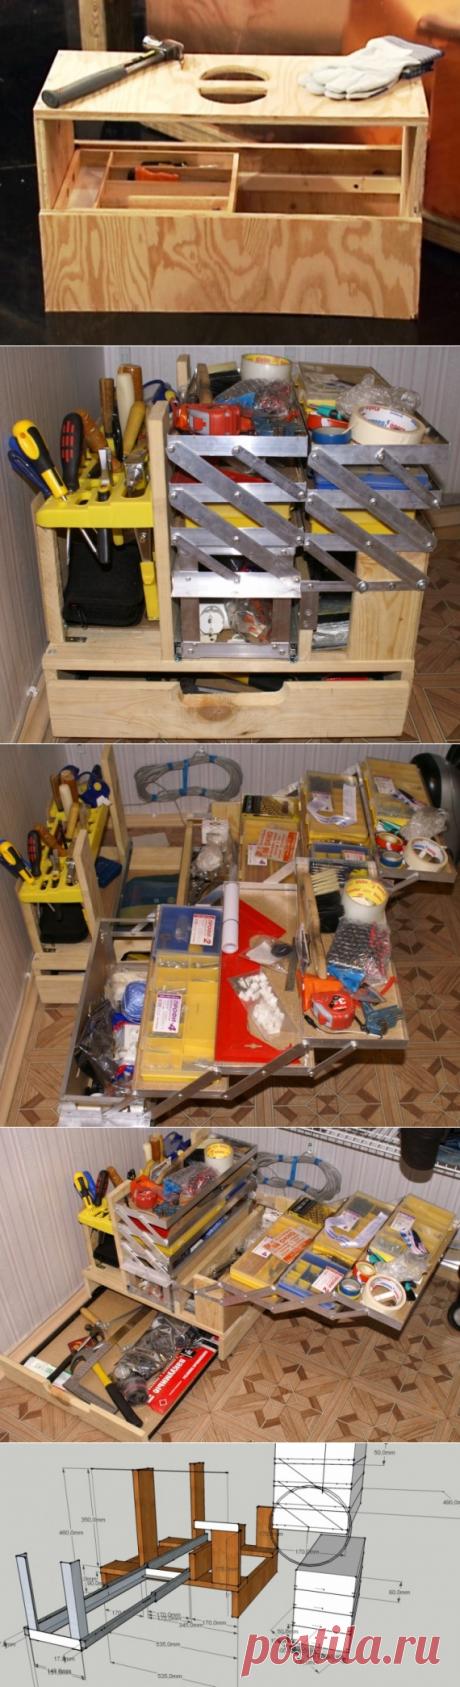 Мужская самоделка: ящик для инструментов / Я - суперпупер